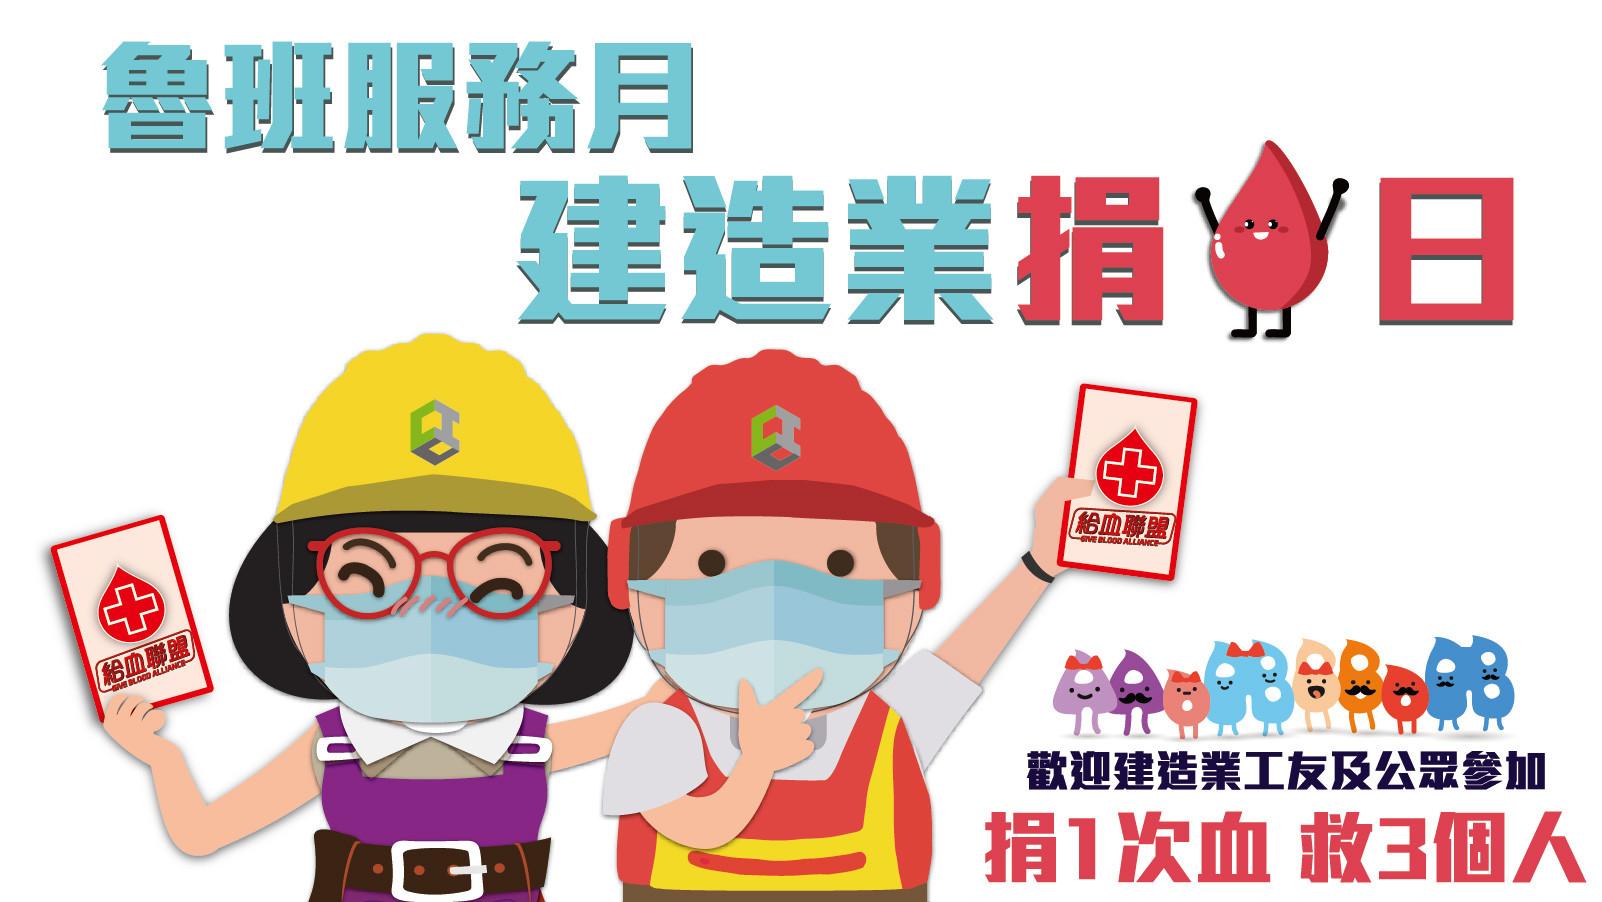 [義工] 魯班服務月2020 - 建造業捐血日